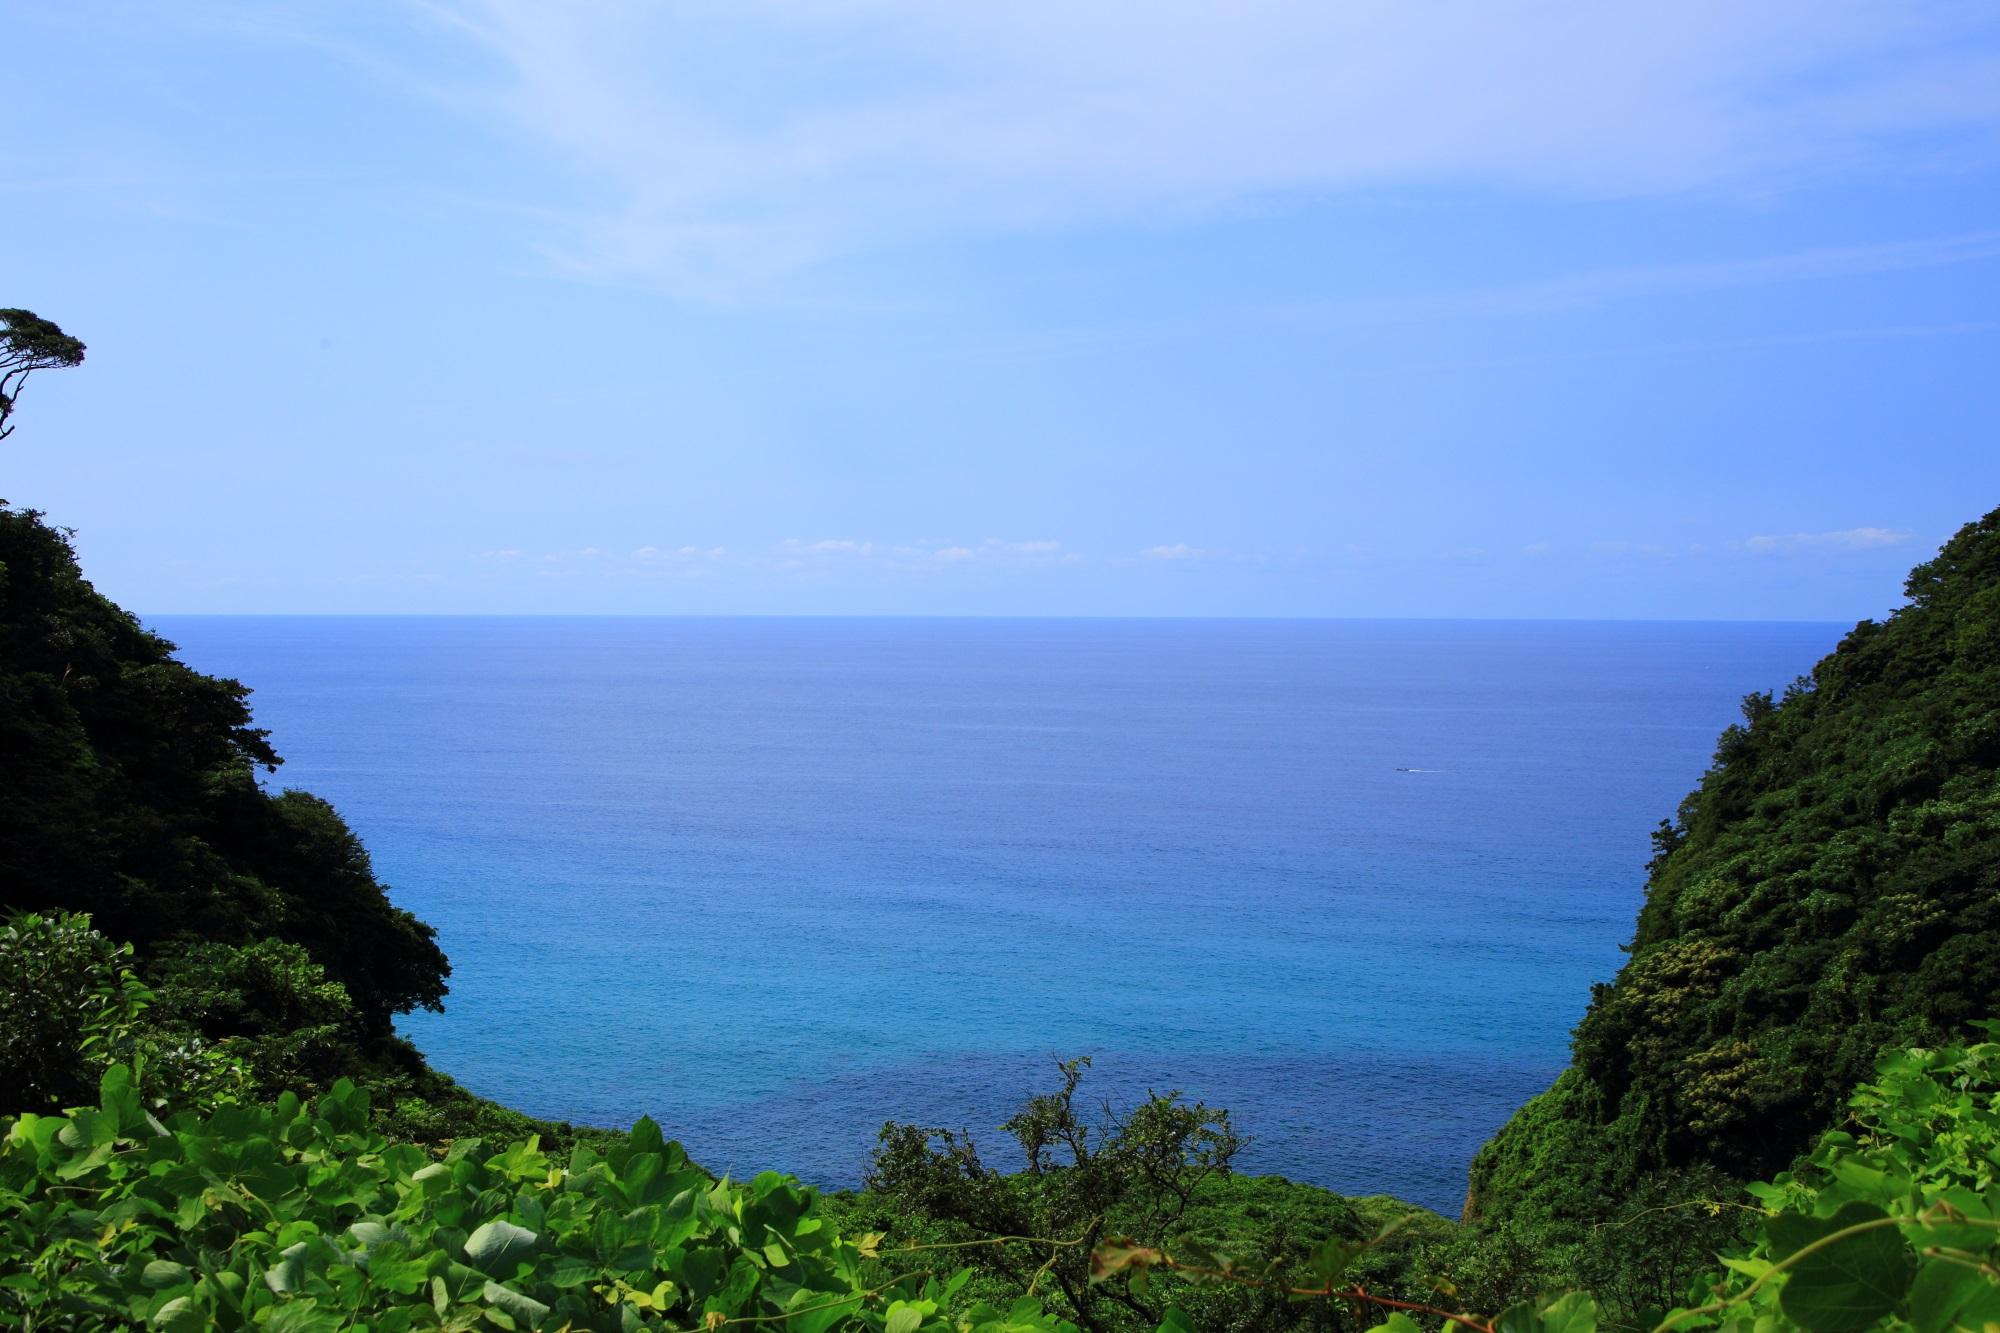 進んでいくと突然視界が開けて現れる犬ヶ岬の綺麗な海